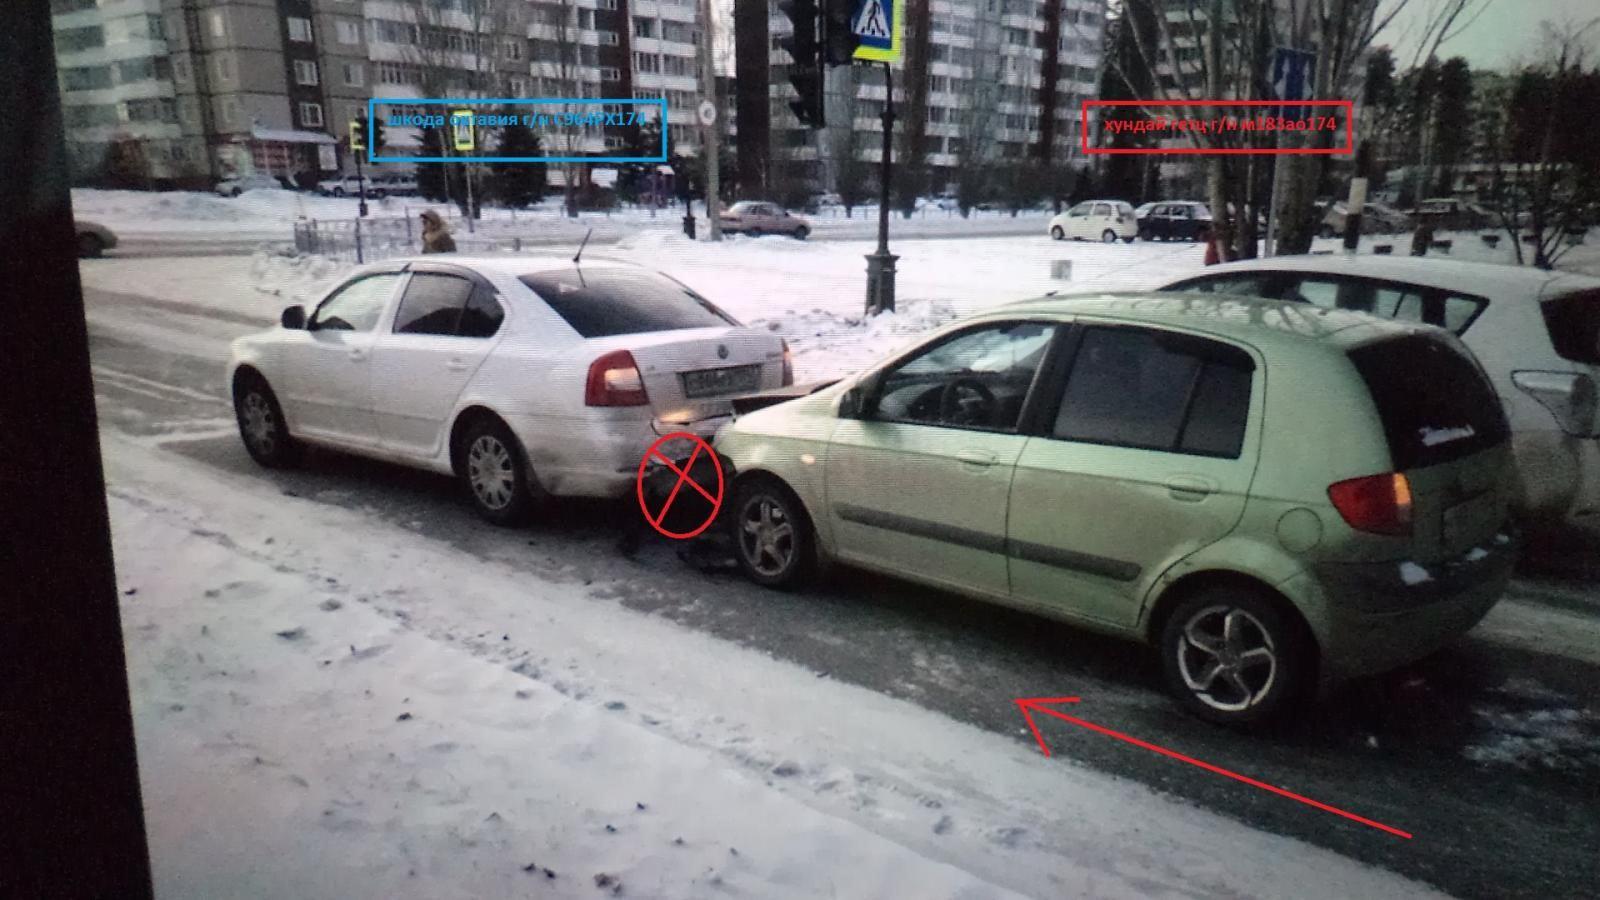 Сводки дорожно-транспортных происшествий. » Снежинск.ру